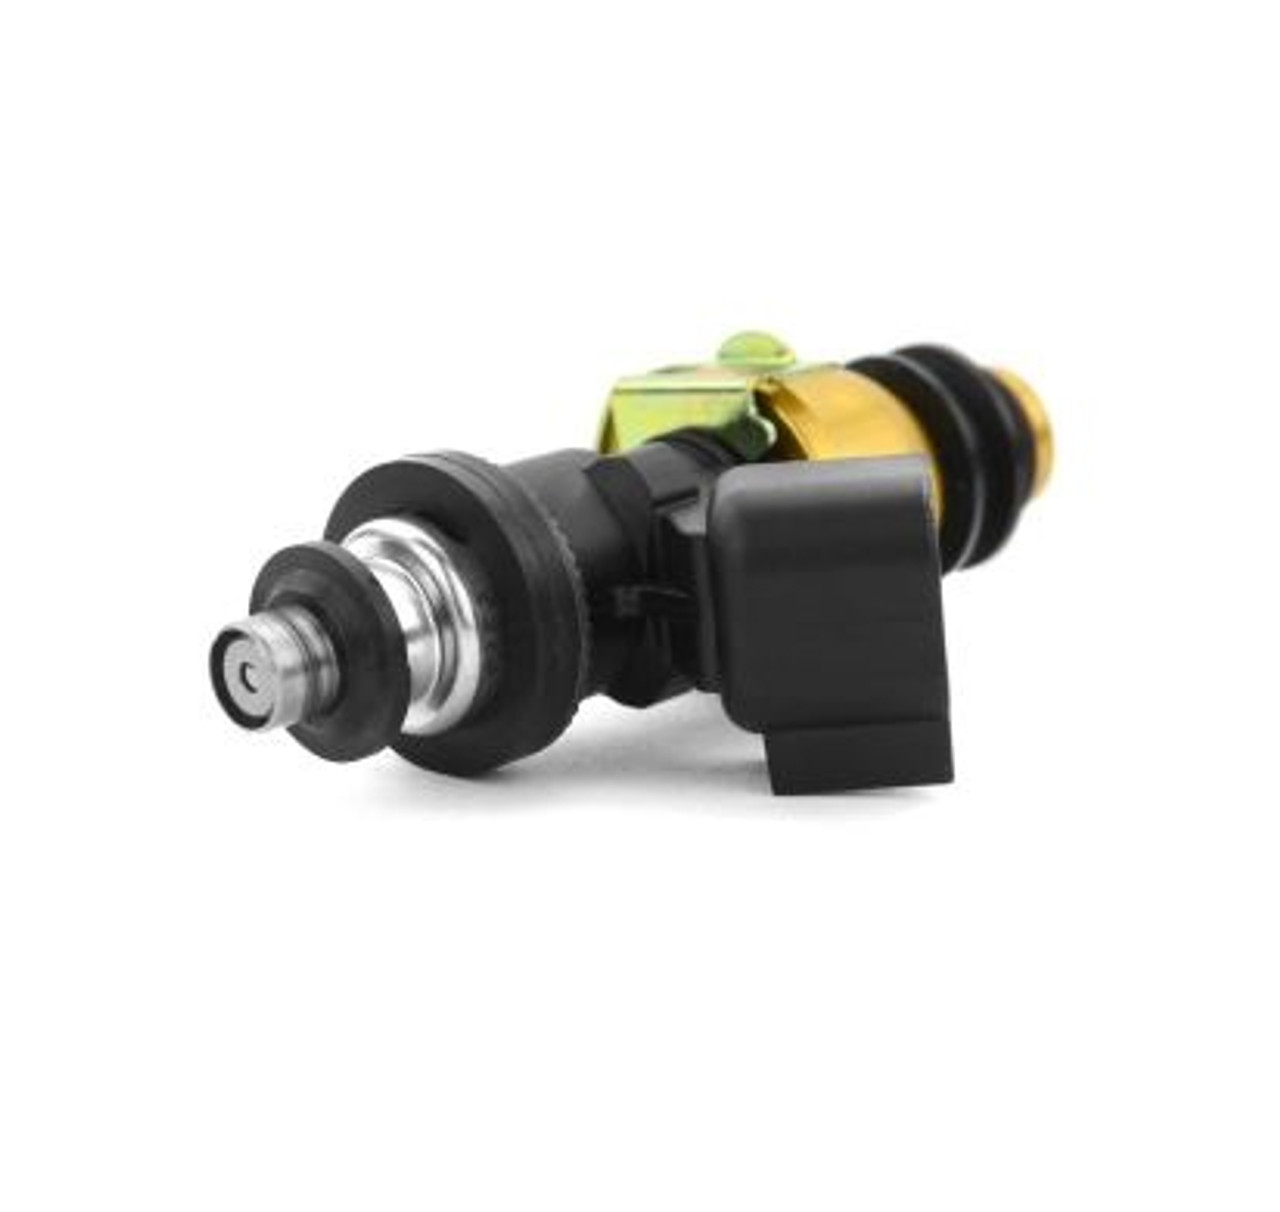 Injector Dynamics ID1300X Injectors For 02-14 WRX/07-17 STI W/ PnP Adapters (1300.48.11.WRX.4-90.3-PNP)